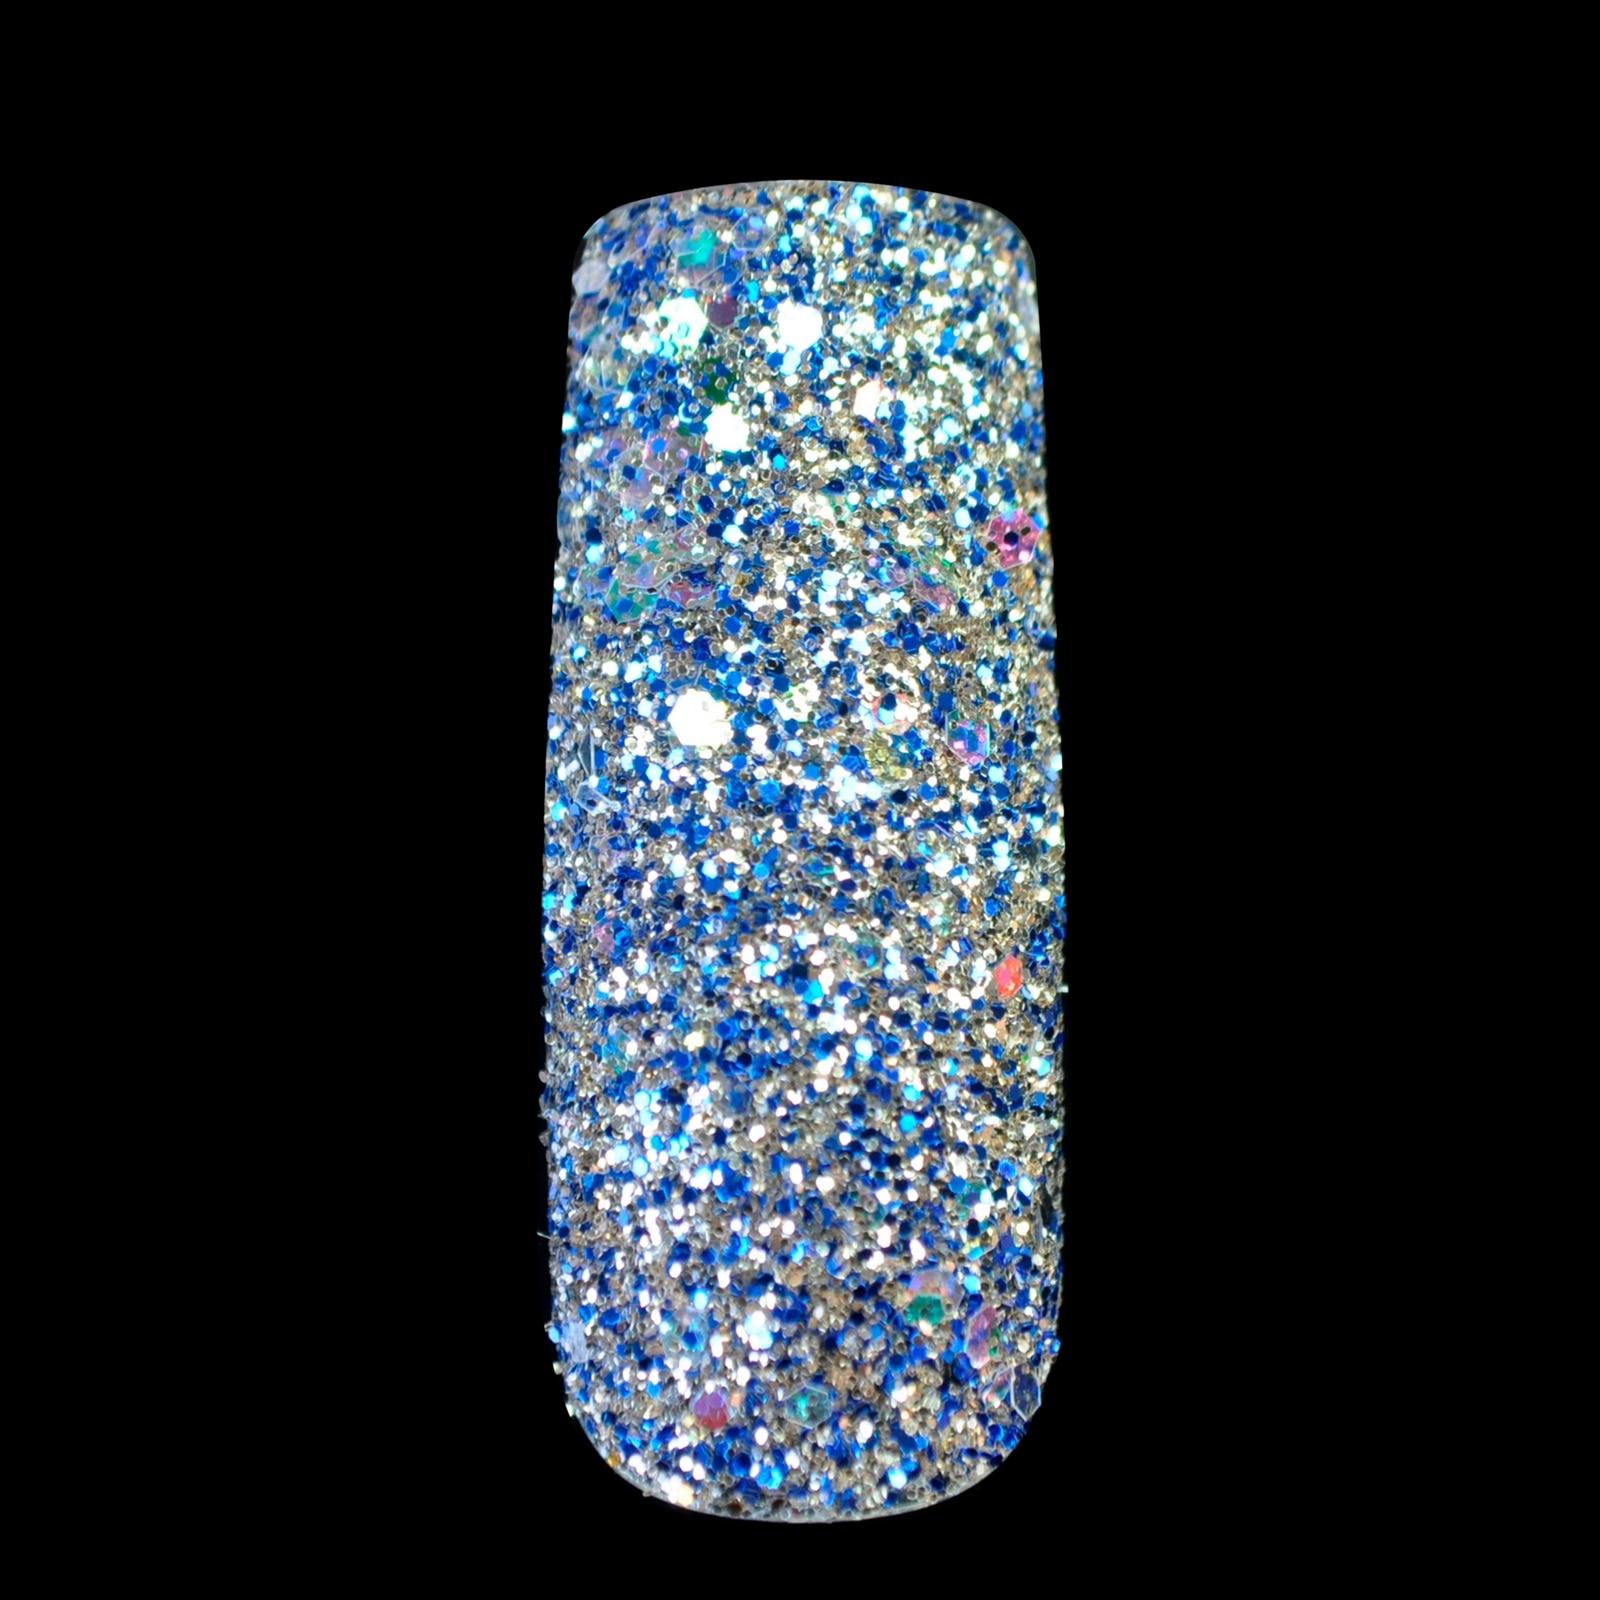 Pro Shiny White Rainbow Blue Colorful Glitter UV Powder Dust Acrylic ...